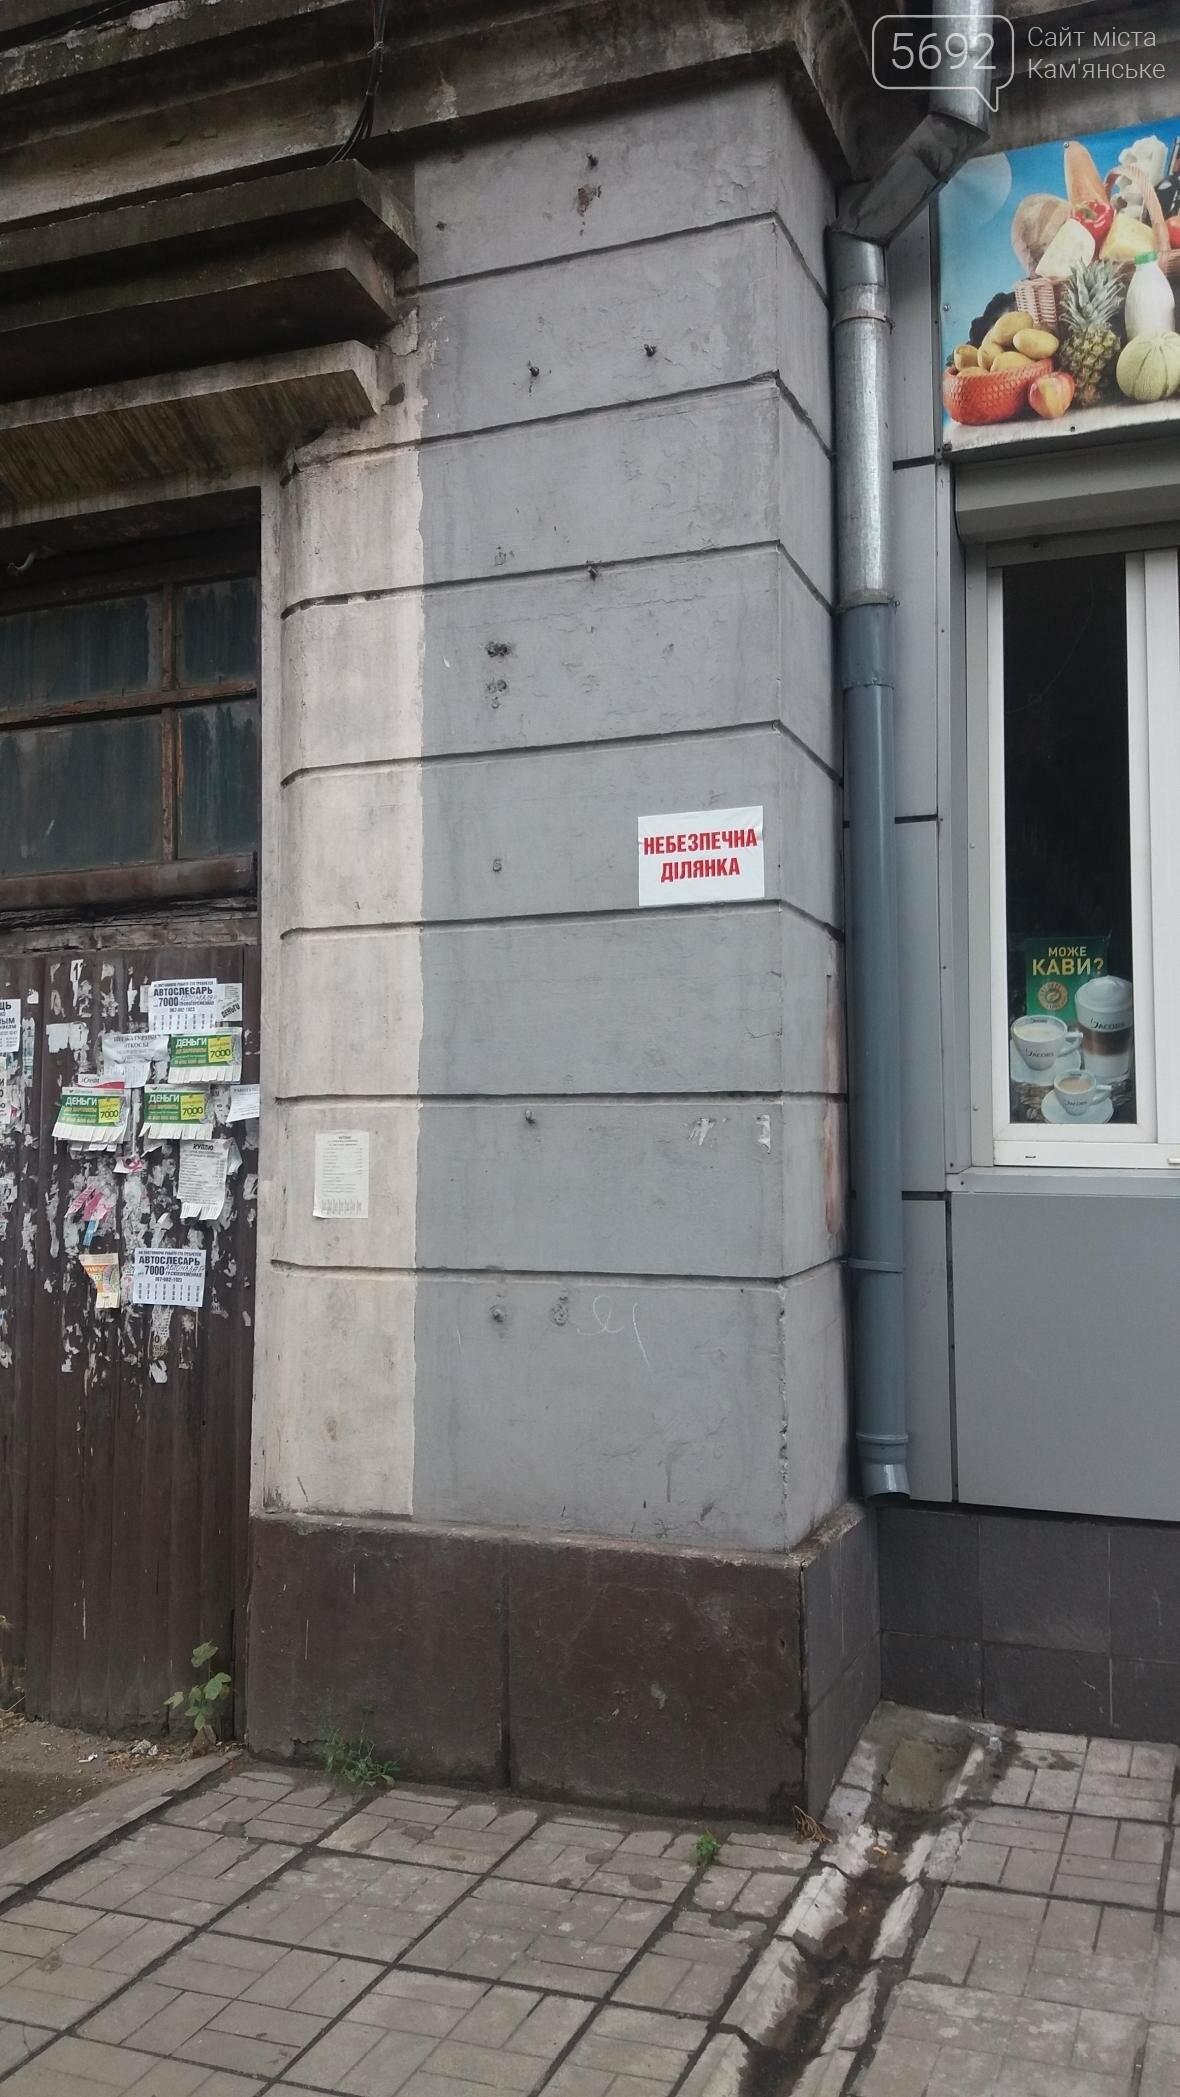 Виновных в смерти каменчанки из-за обвала фасада пока не нашли, фото-3